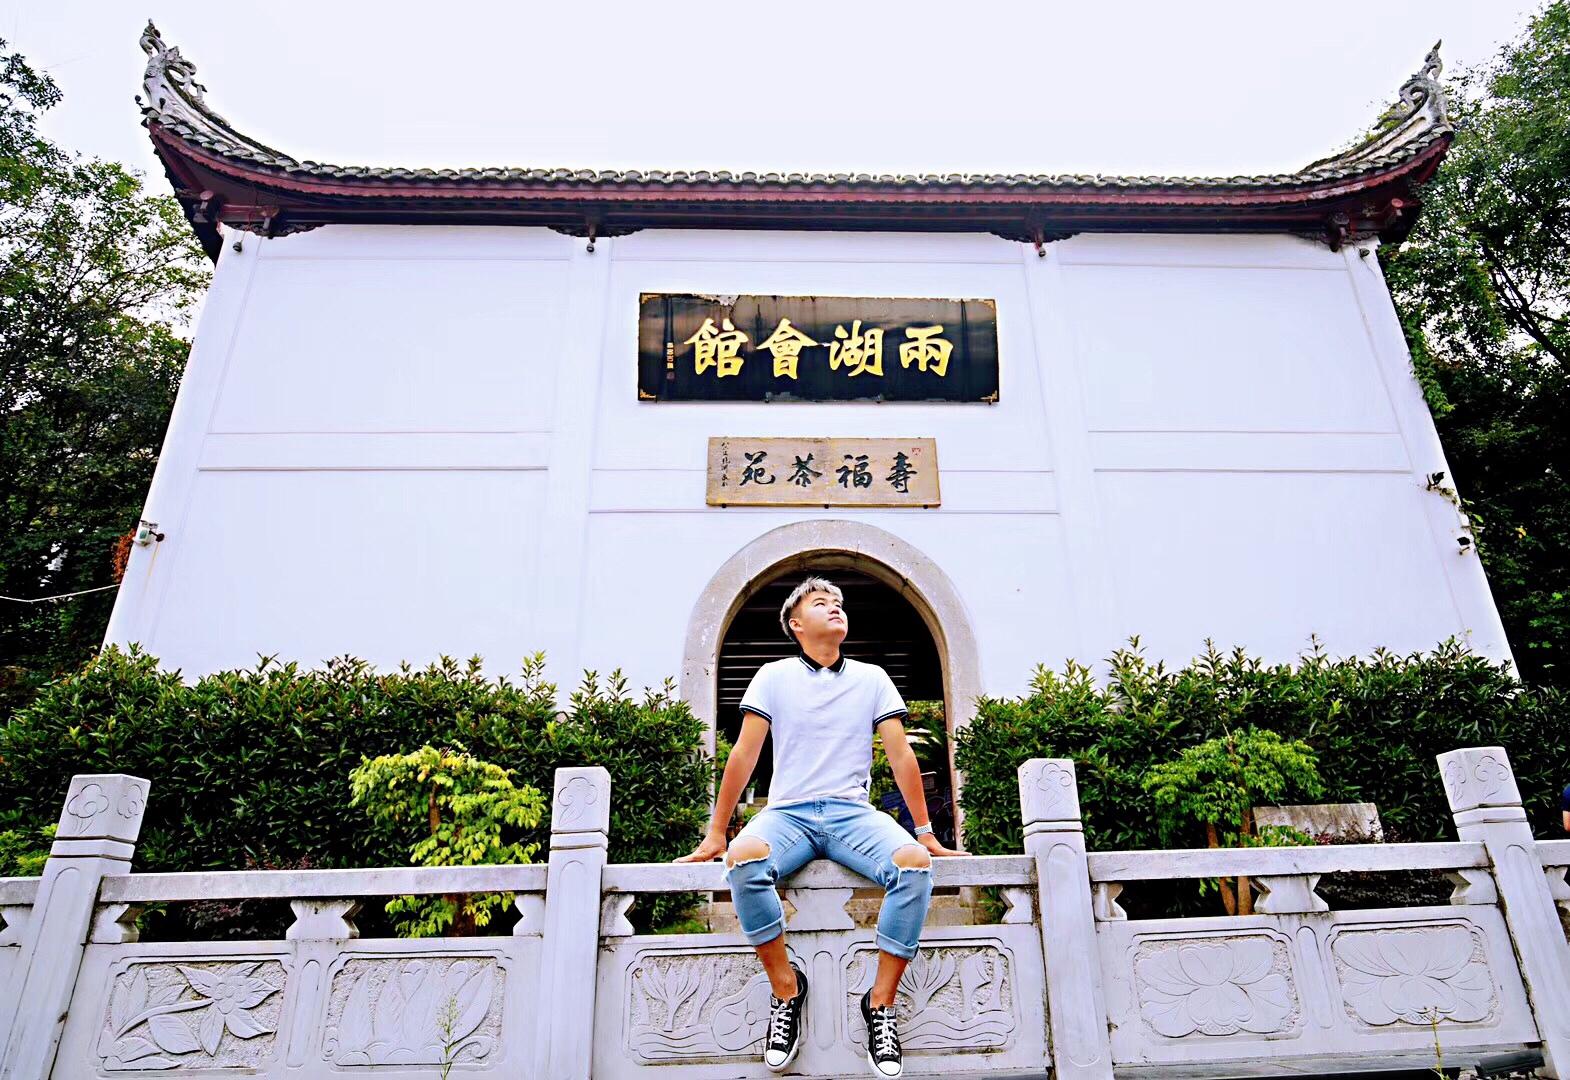 【贵阳】48小时自驾贵阳,感受多彩又特色的少数民族文化